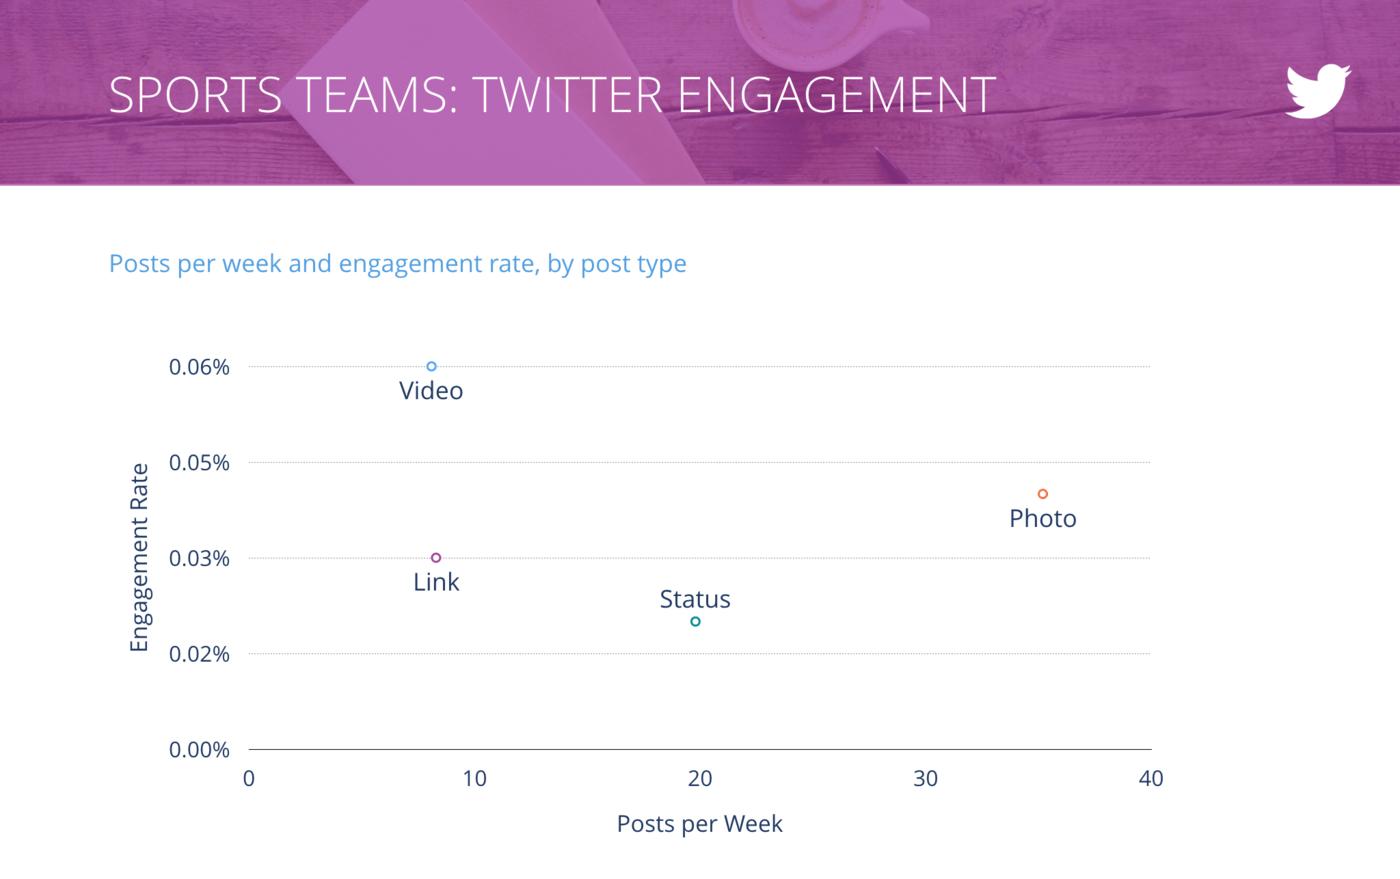 slide for Tweets per Week vs. Engagement Rate per Tweet, Sports Teams